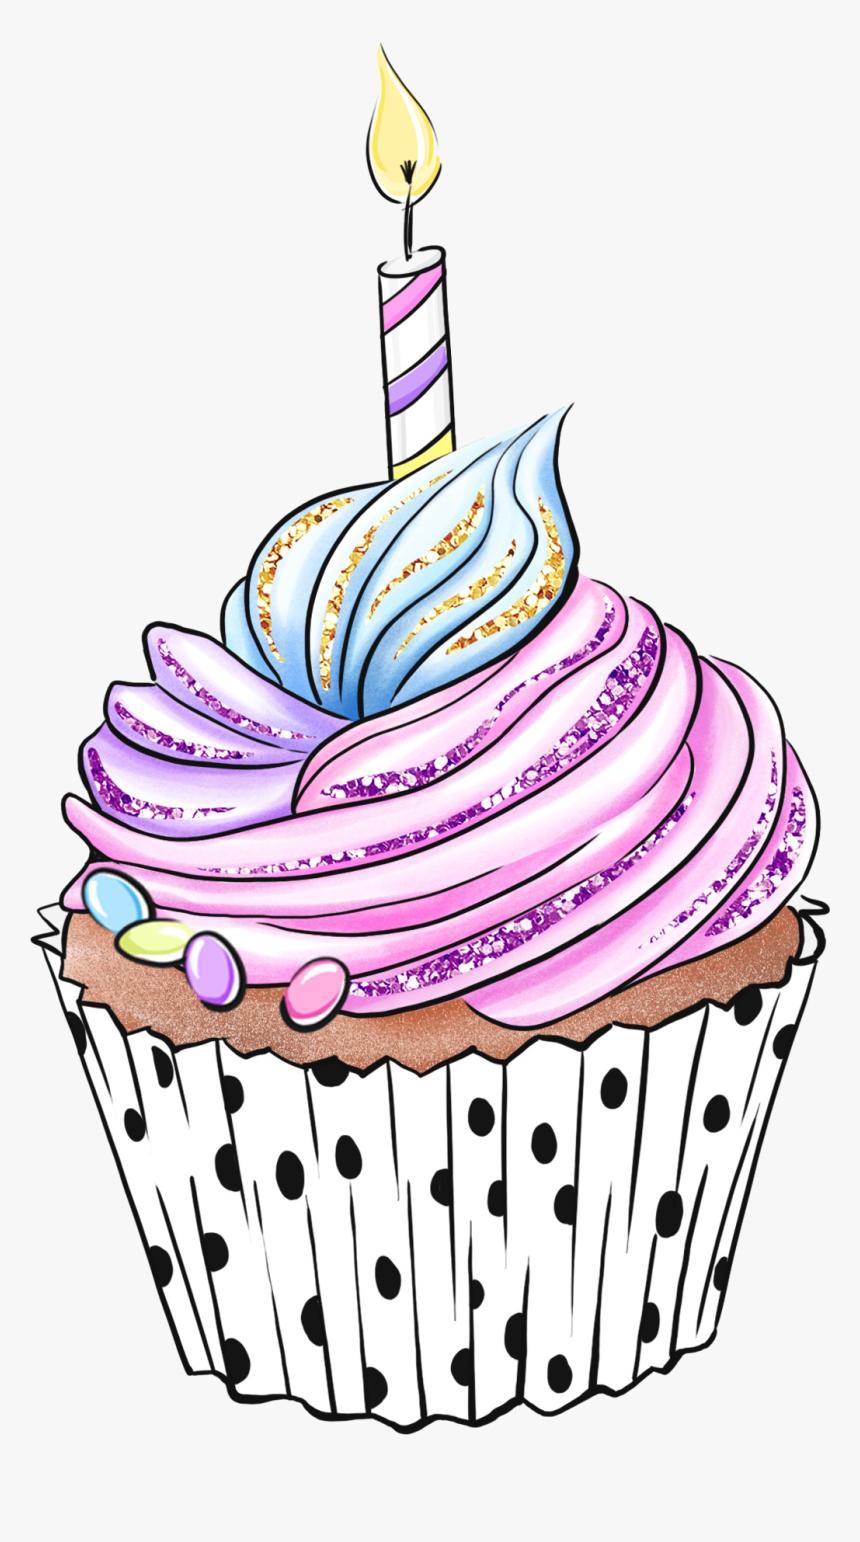 #cupcake #cake #candle #birthdaycake #birthday #celebration - Cupcake Illustrations, HD Png Download, Free Download